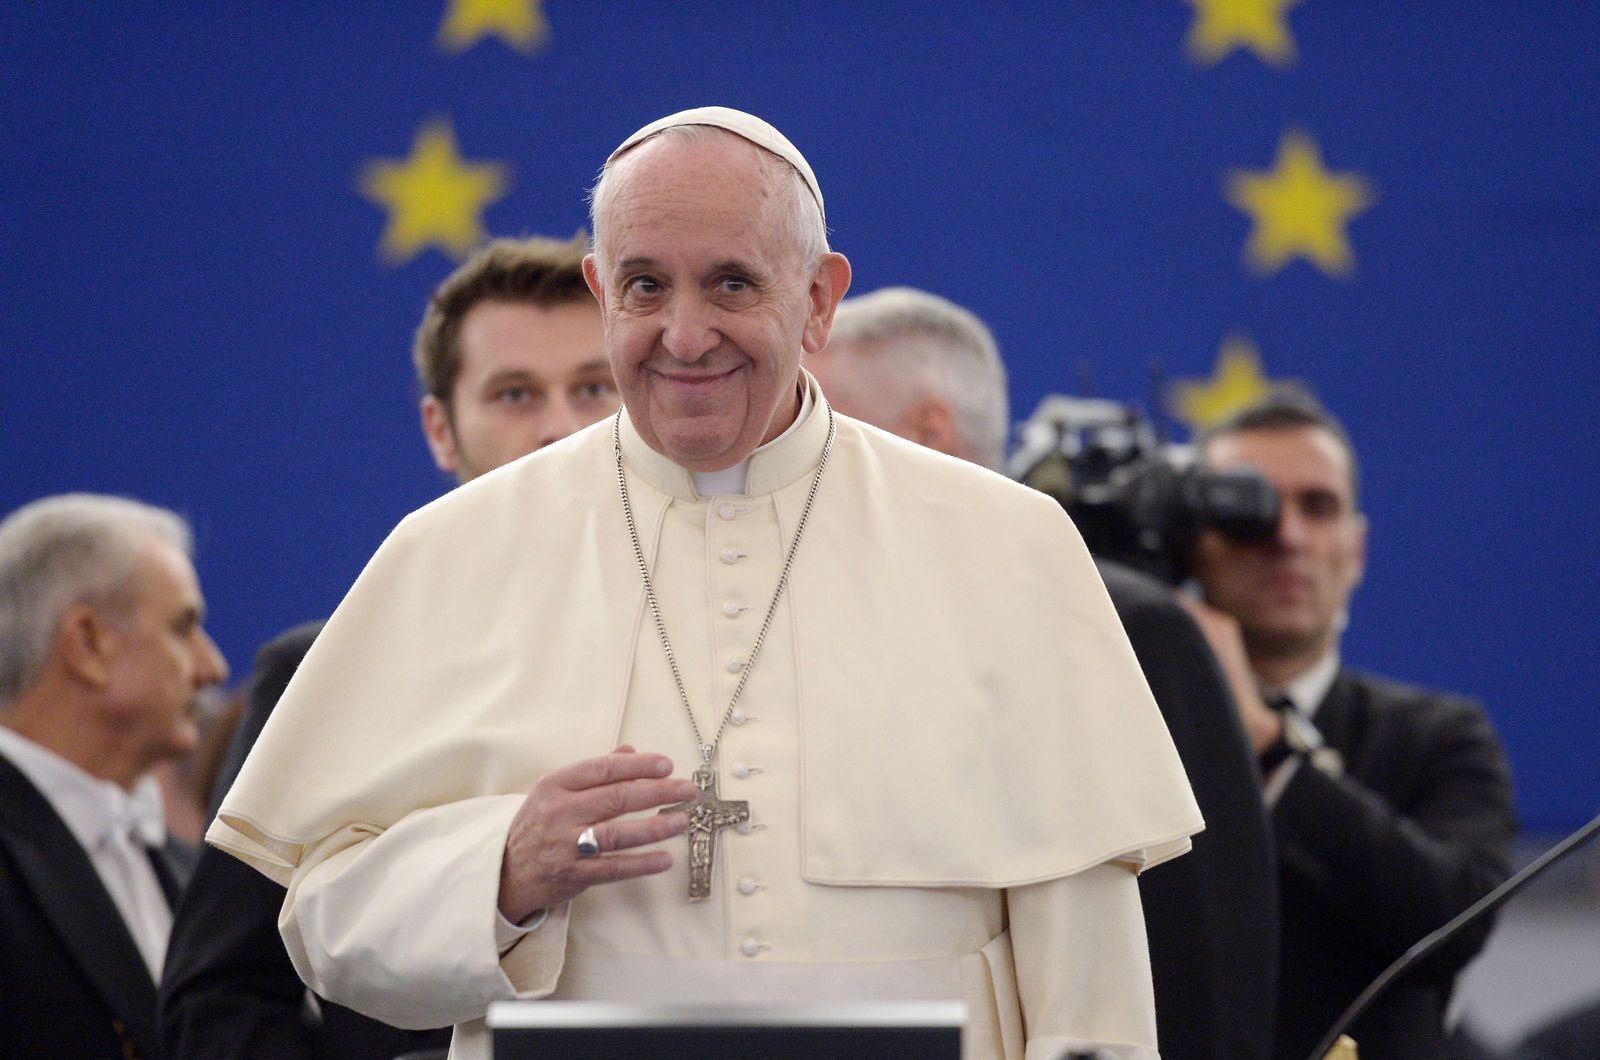 TOPSHOTS-FRANCE-EU-VATICAN-POPE-VISIT